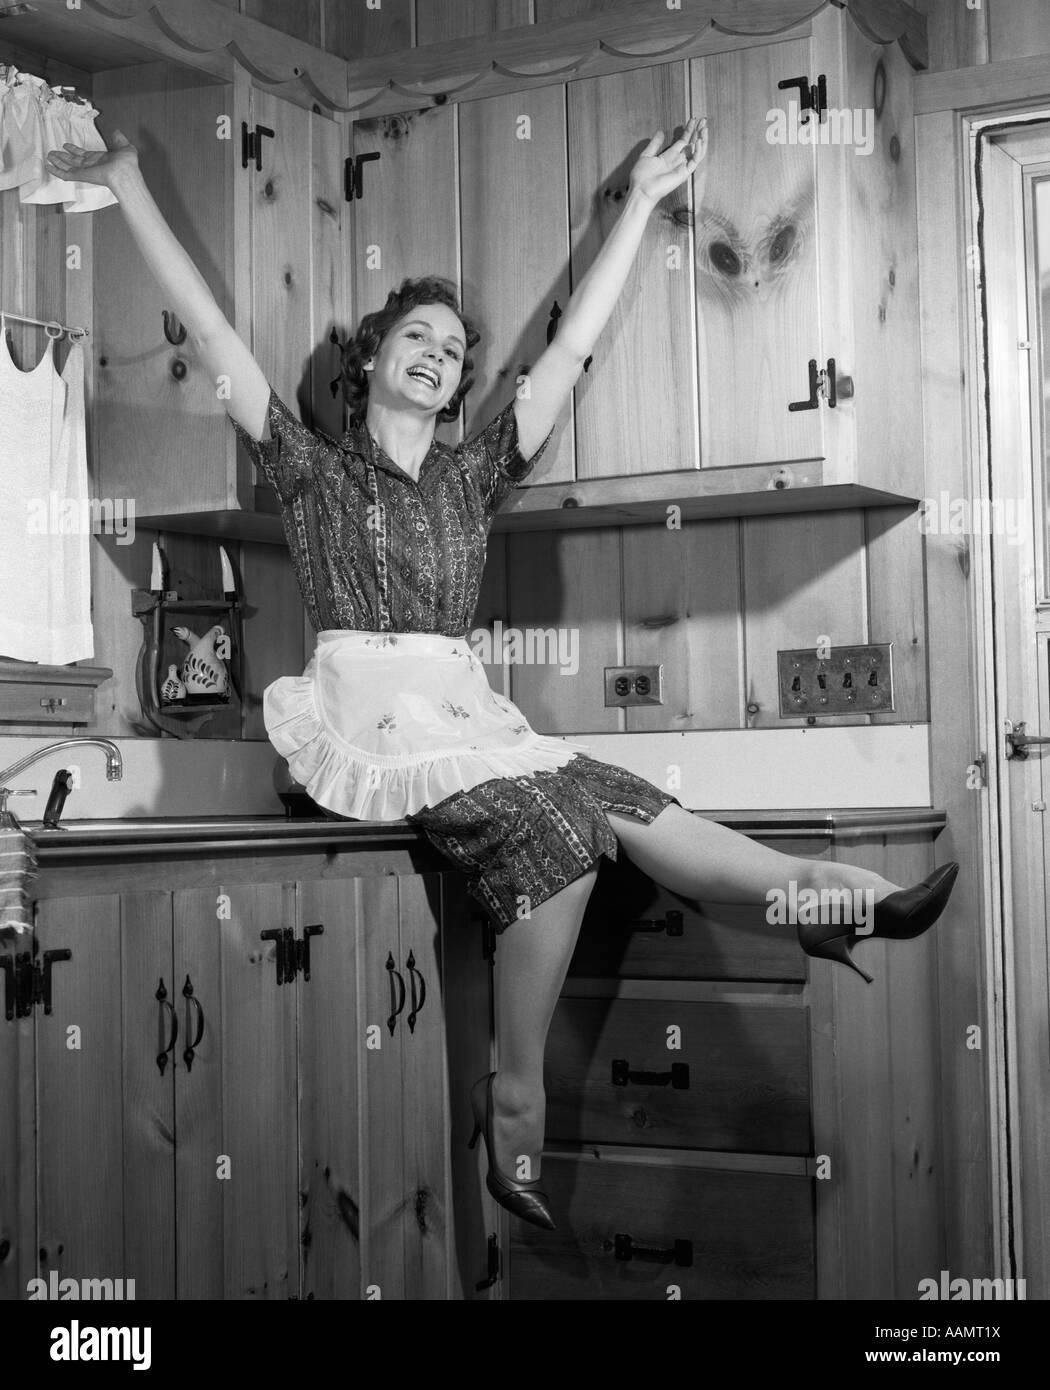 1950er jahre hausfrau sitzen auf arbeitsplatte treten f e arme in die luft stockfoto bild. Black Bedroom Furniture Sets. Home Design Ideas